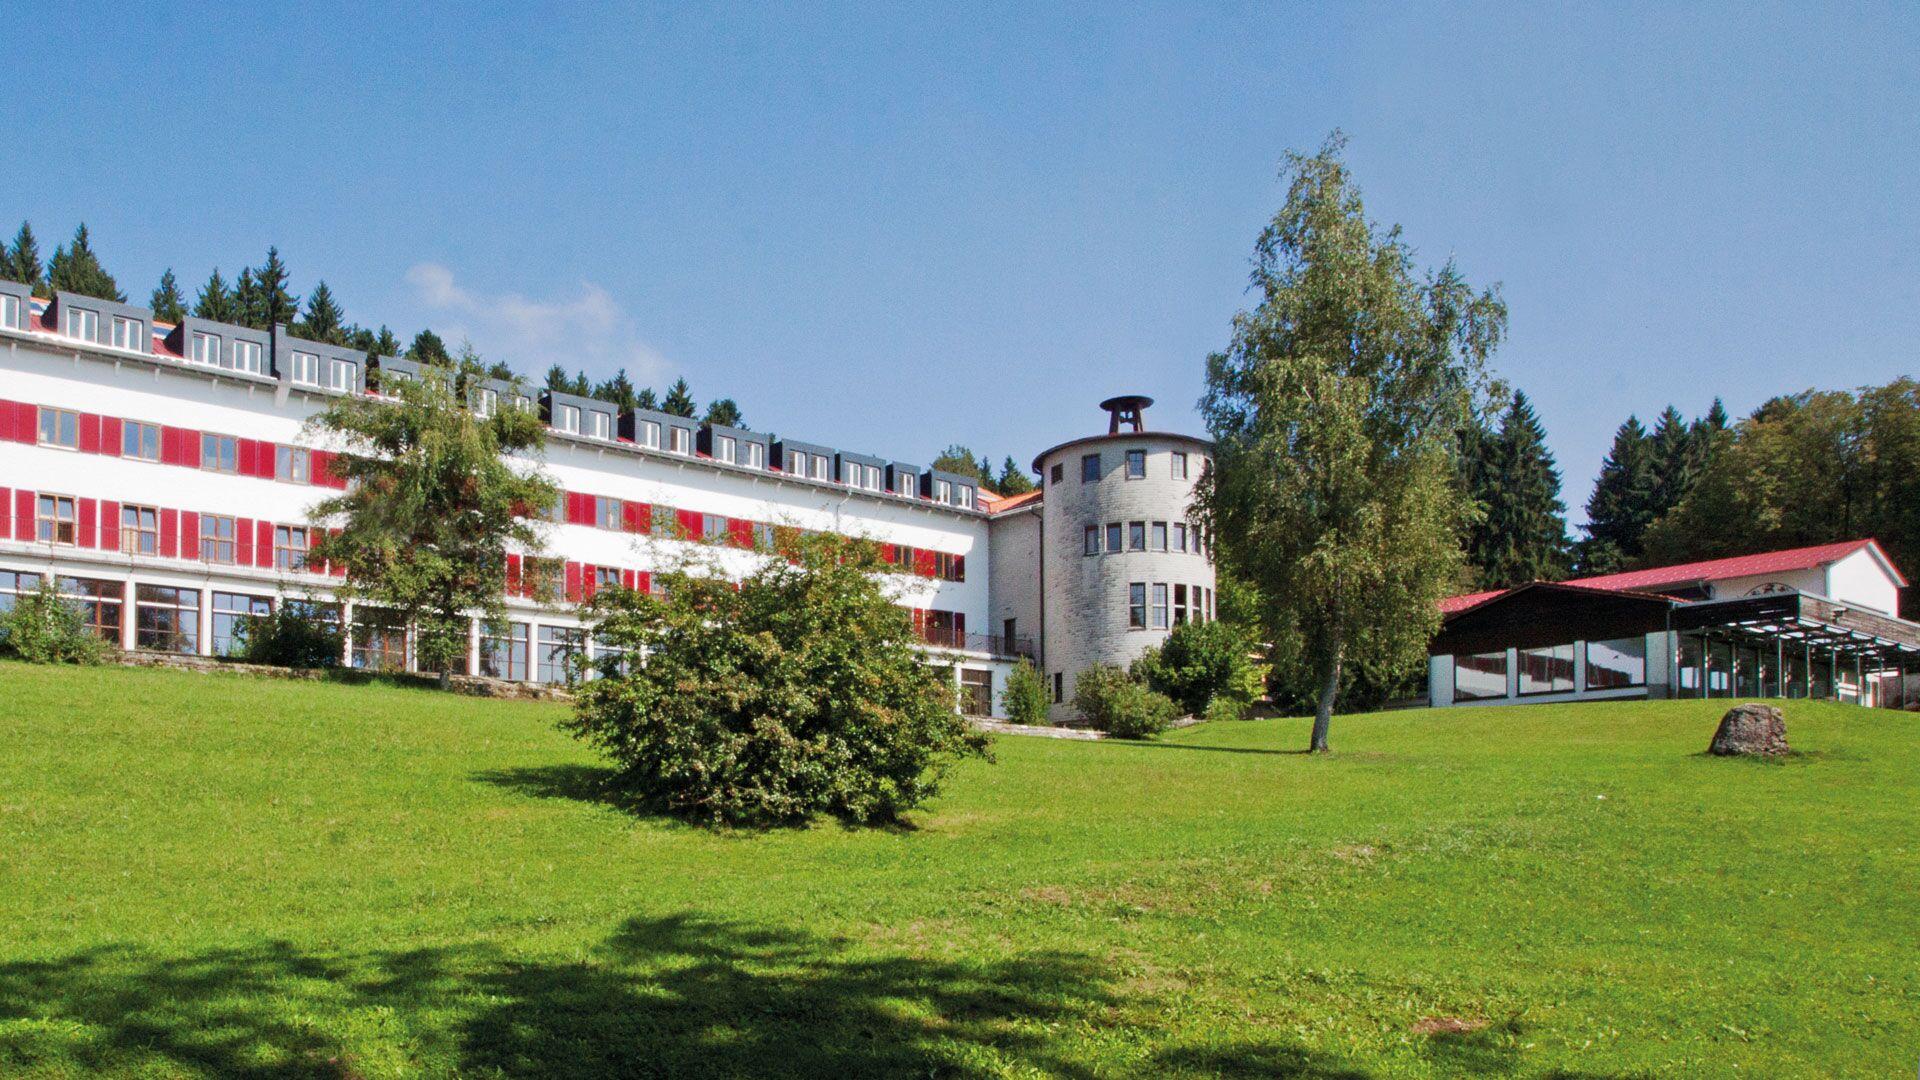 Sprachaufenthalt Deutschland, Lindenberg - Humboldt Institut Lindenberg - Schule